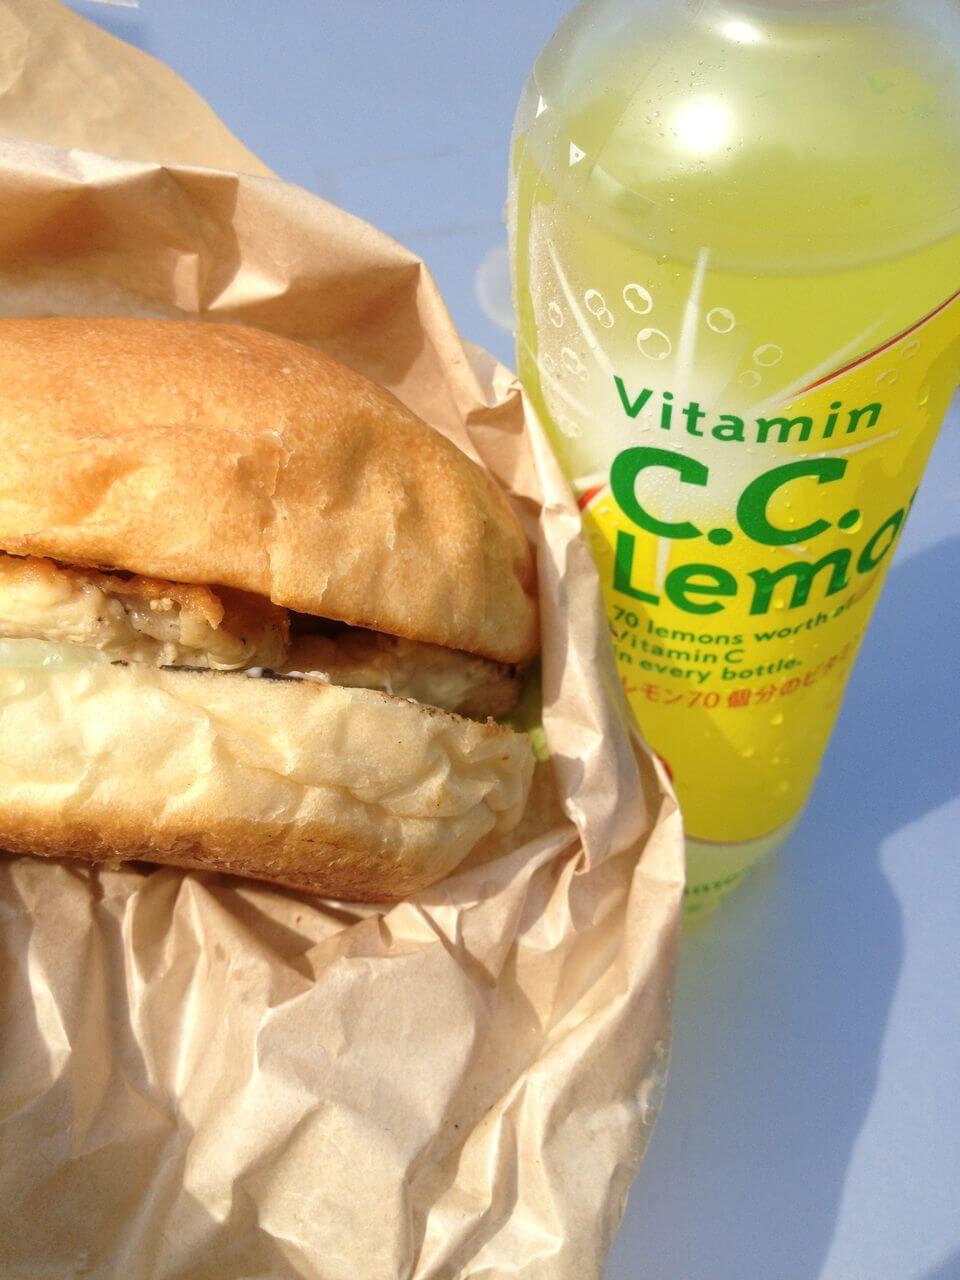 2日目の朝食。山わさびバーガー美味しかった!マルヤマドリルという店らしくて、札幌でも行きたい!